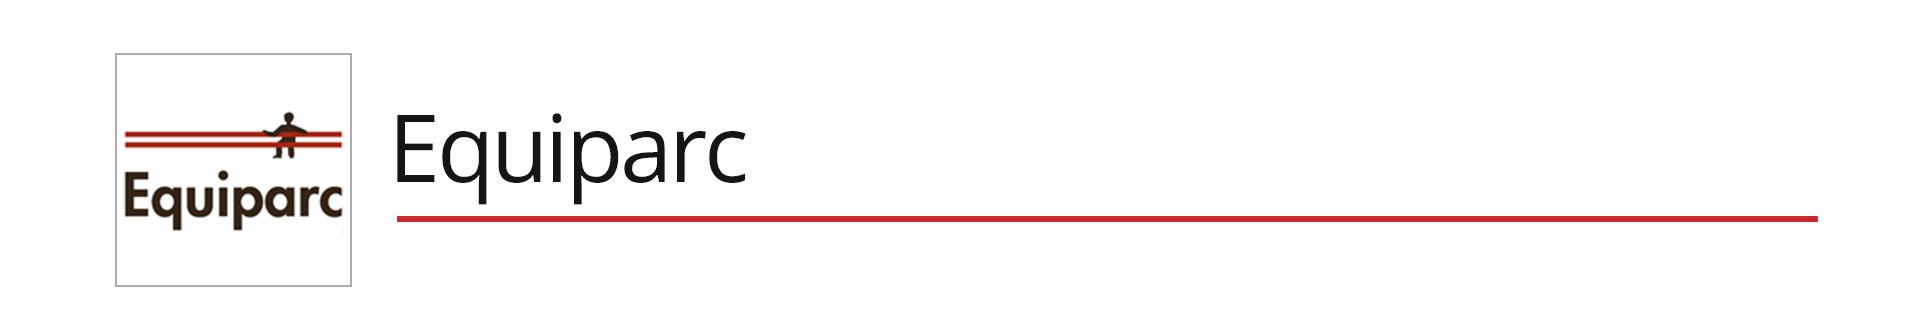 Knickerbocker-Partition-Corporation_CADBlock-Header.jpg